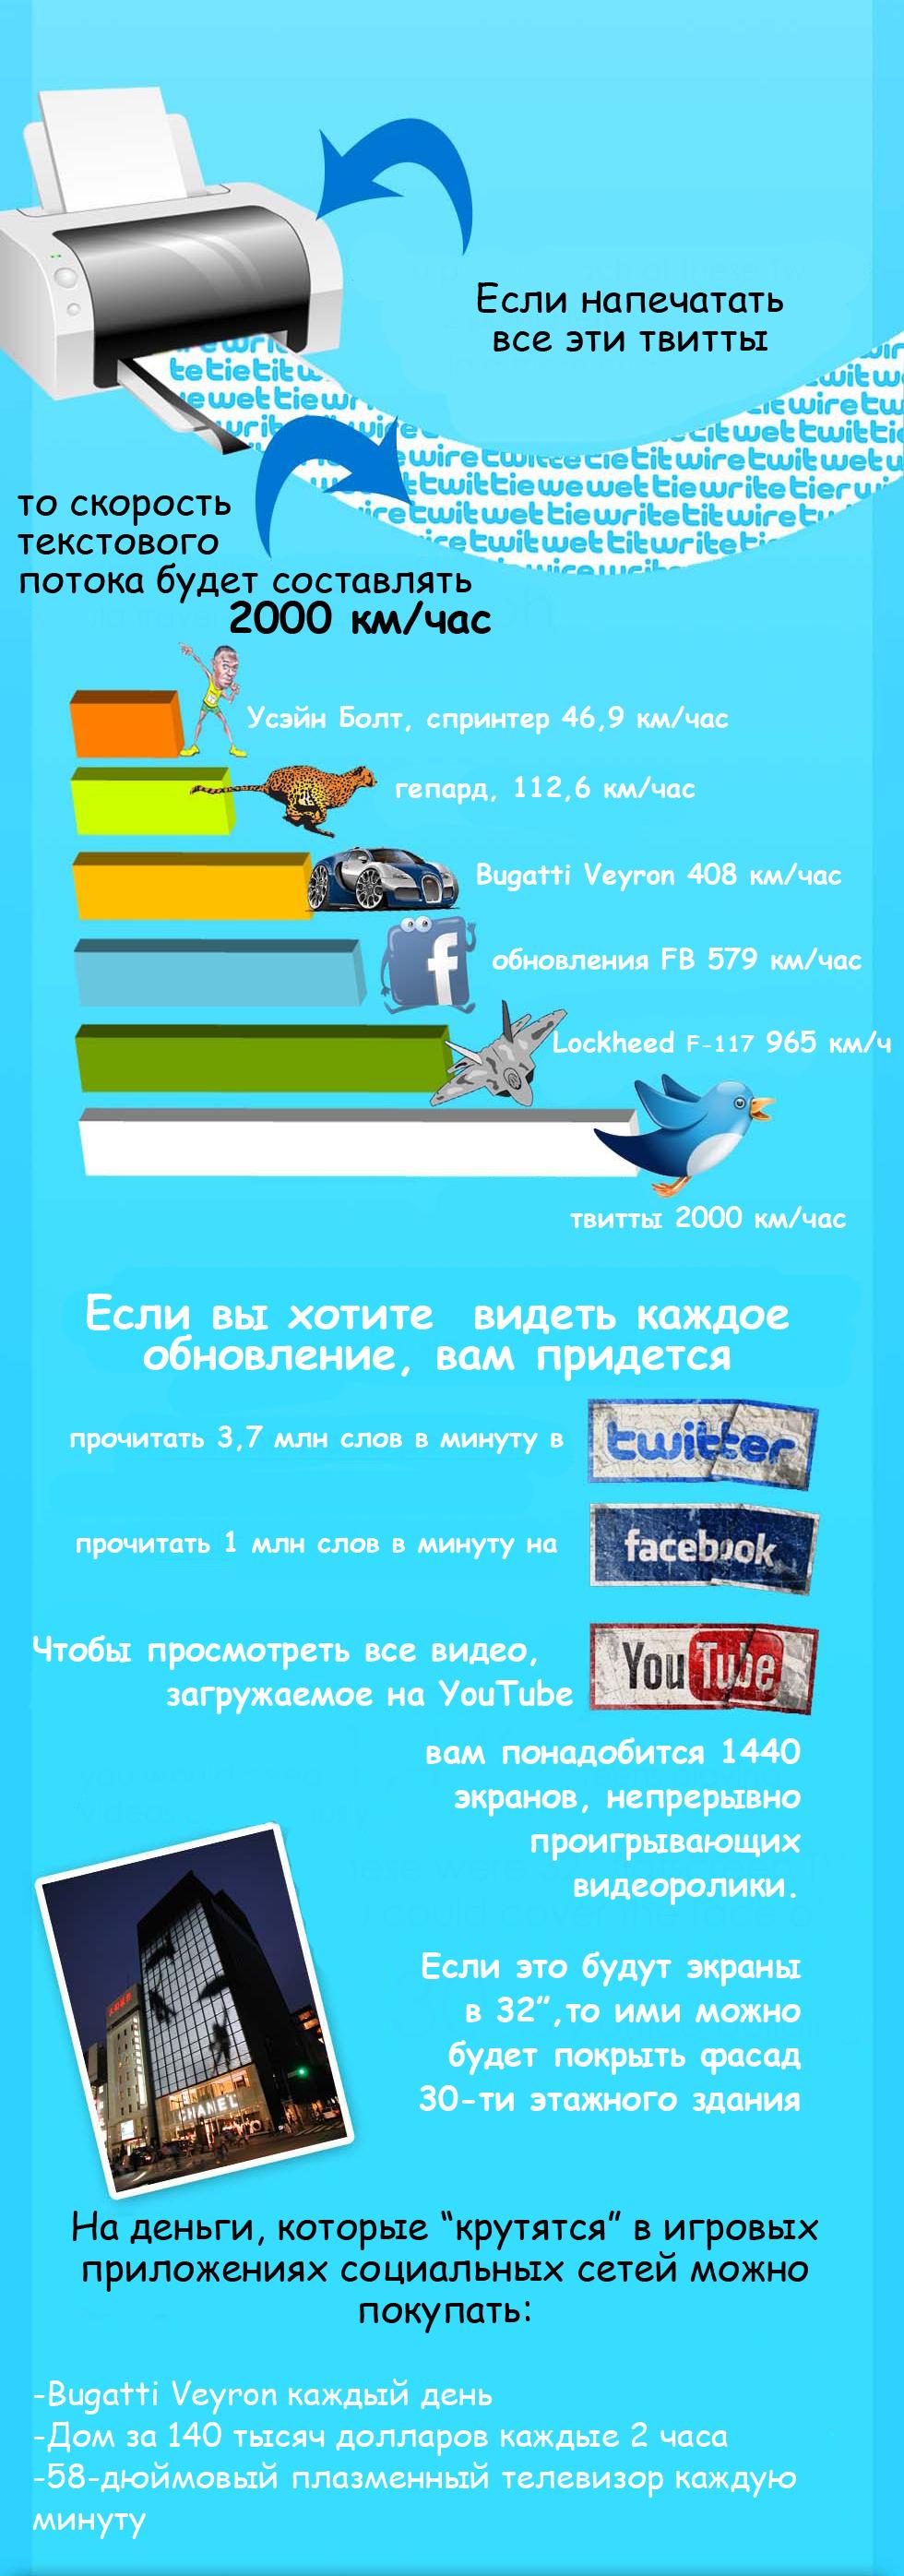 скорость социальных медиа